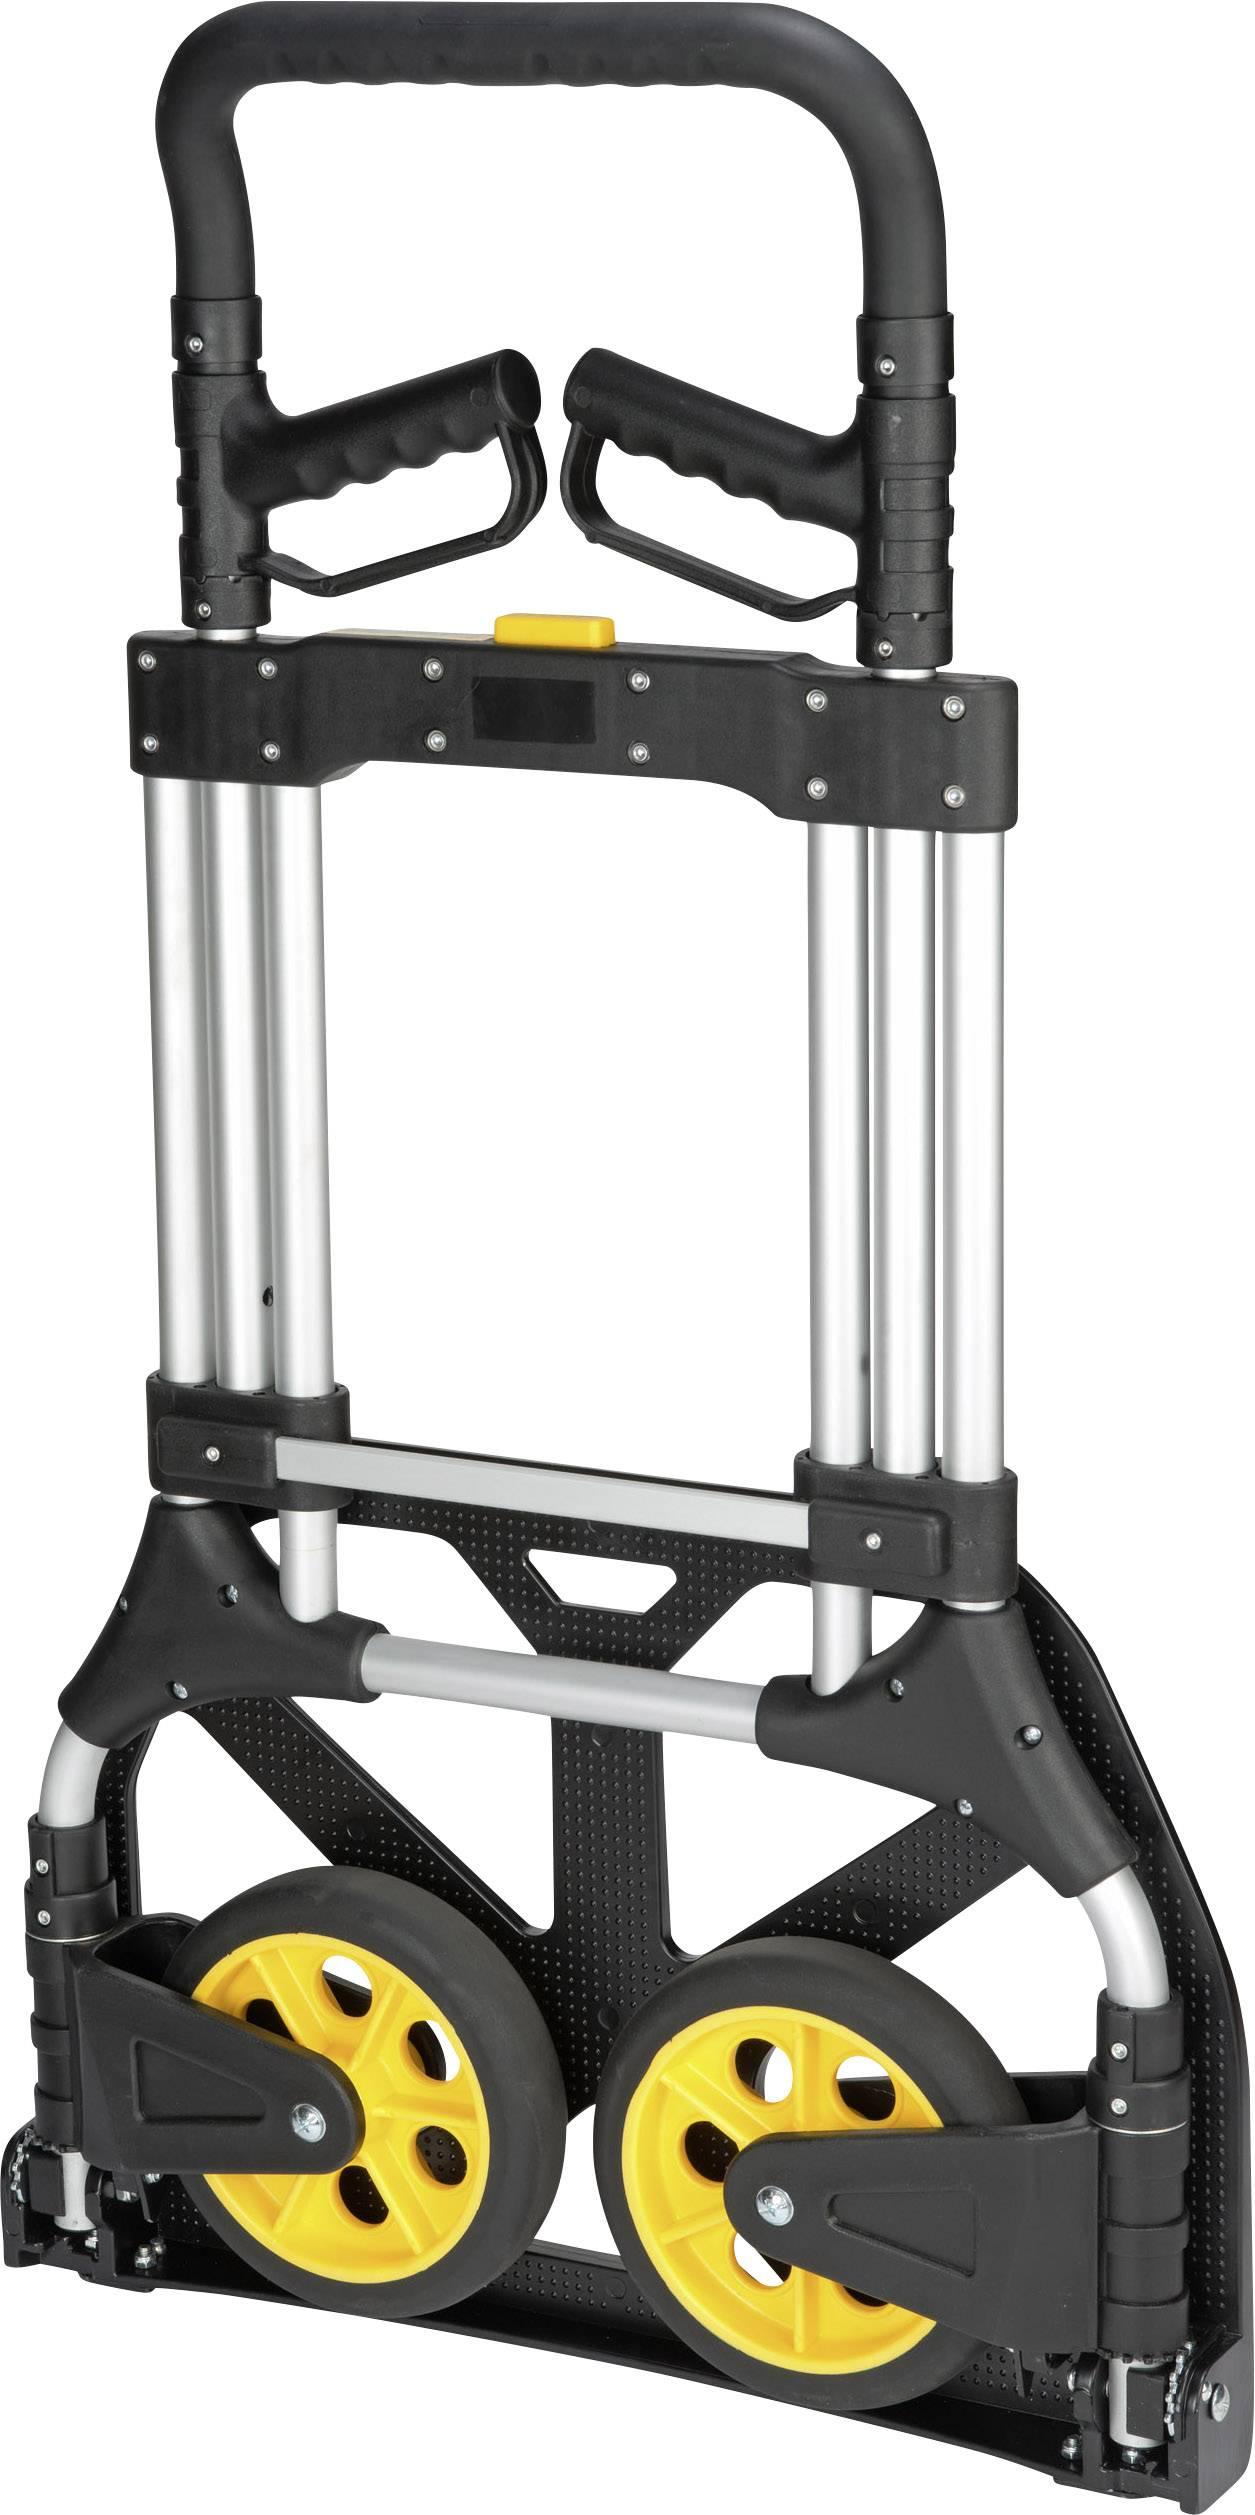 max. Stanley Fatmax FXWT-704 Plattformwagen Stahl Traglast 300 kg